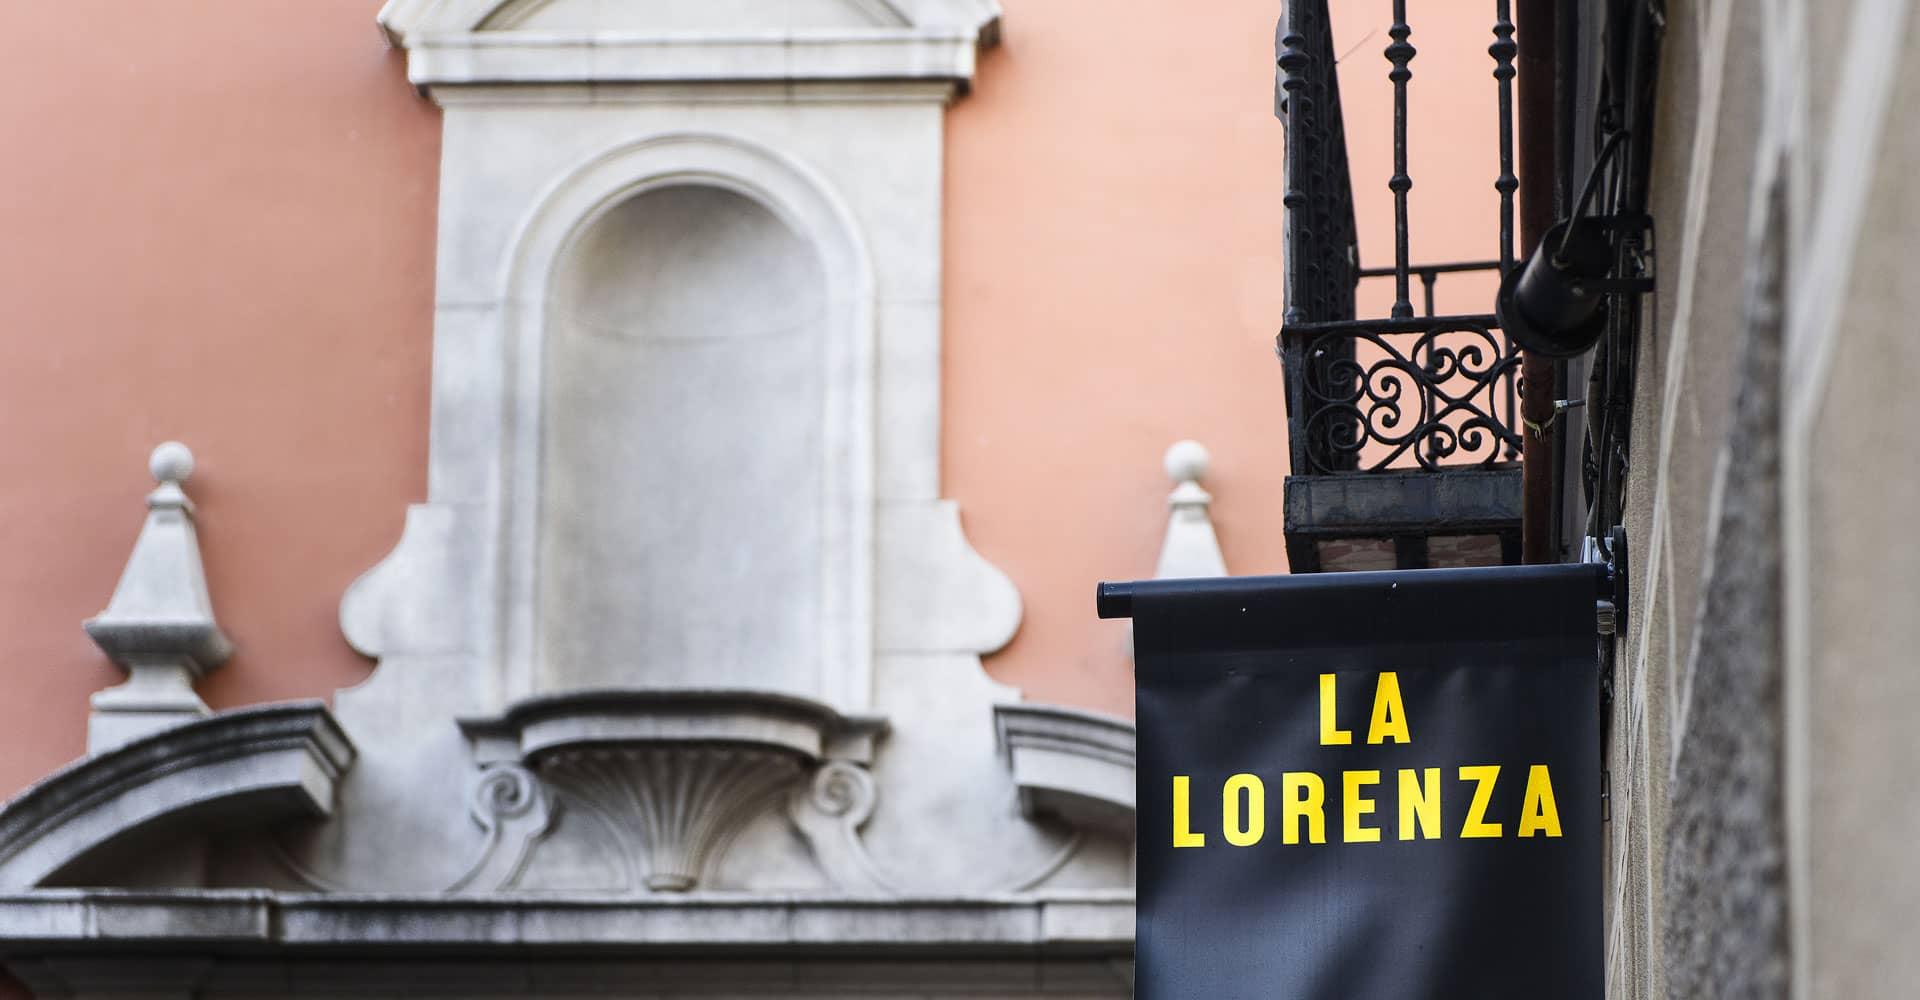 La Lorenza